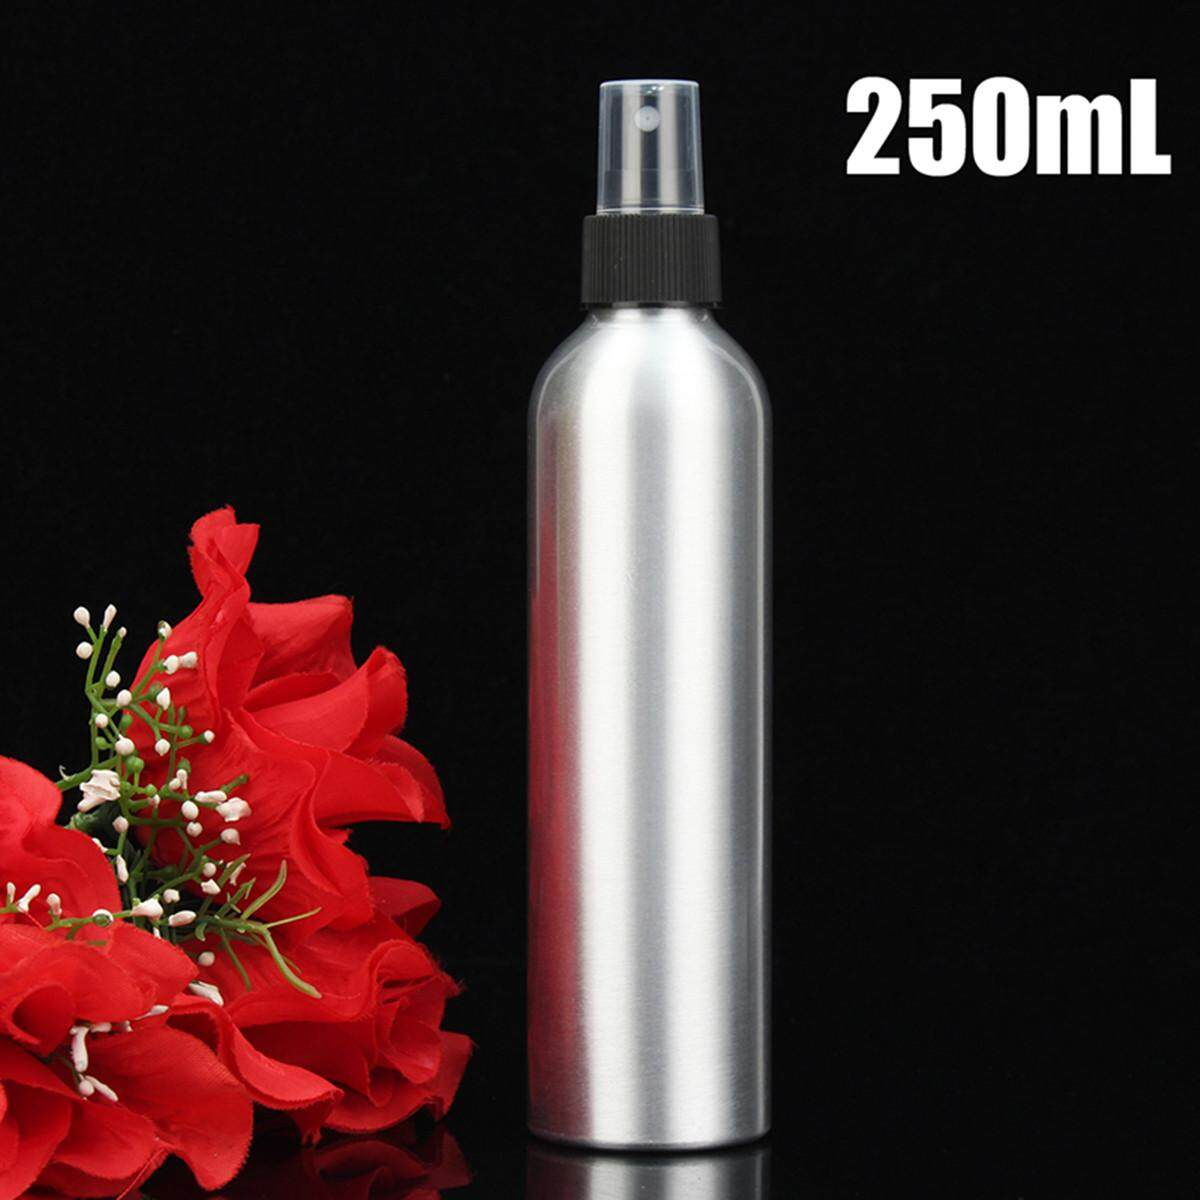 Cek Harga Baru 100 Ml Bening Kosong Sprayer Botol Wewangian Parfum Refillable Atomizer Spray 250 Aluminium Kabut Semprotan Bottle Bottling Perfume Internasional